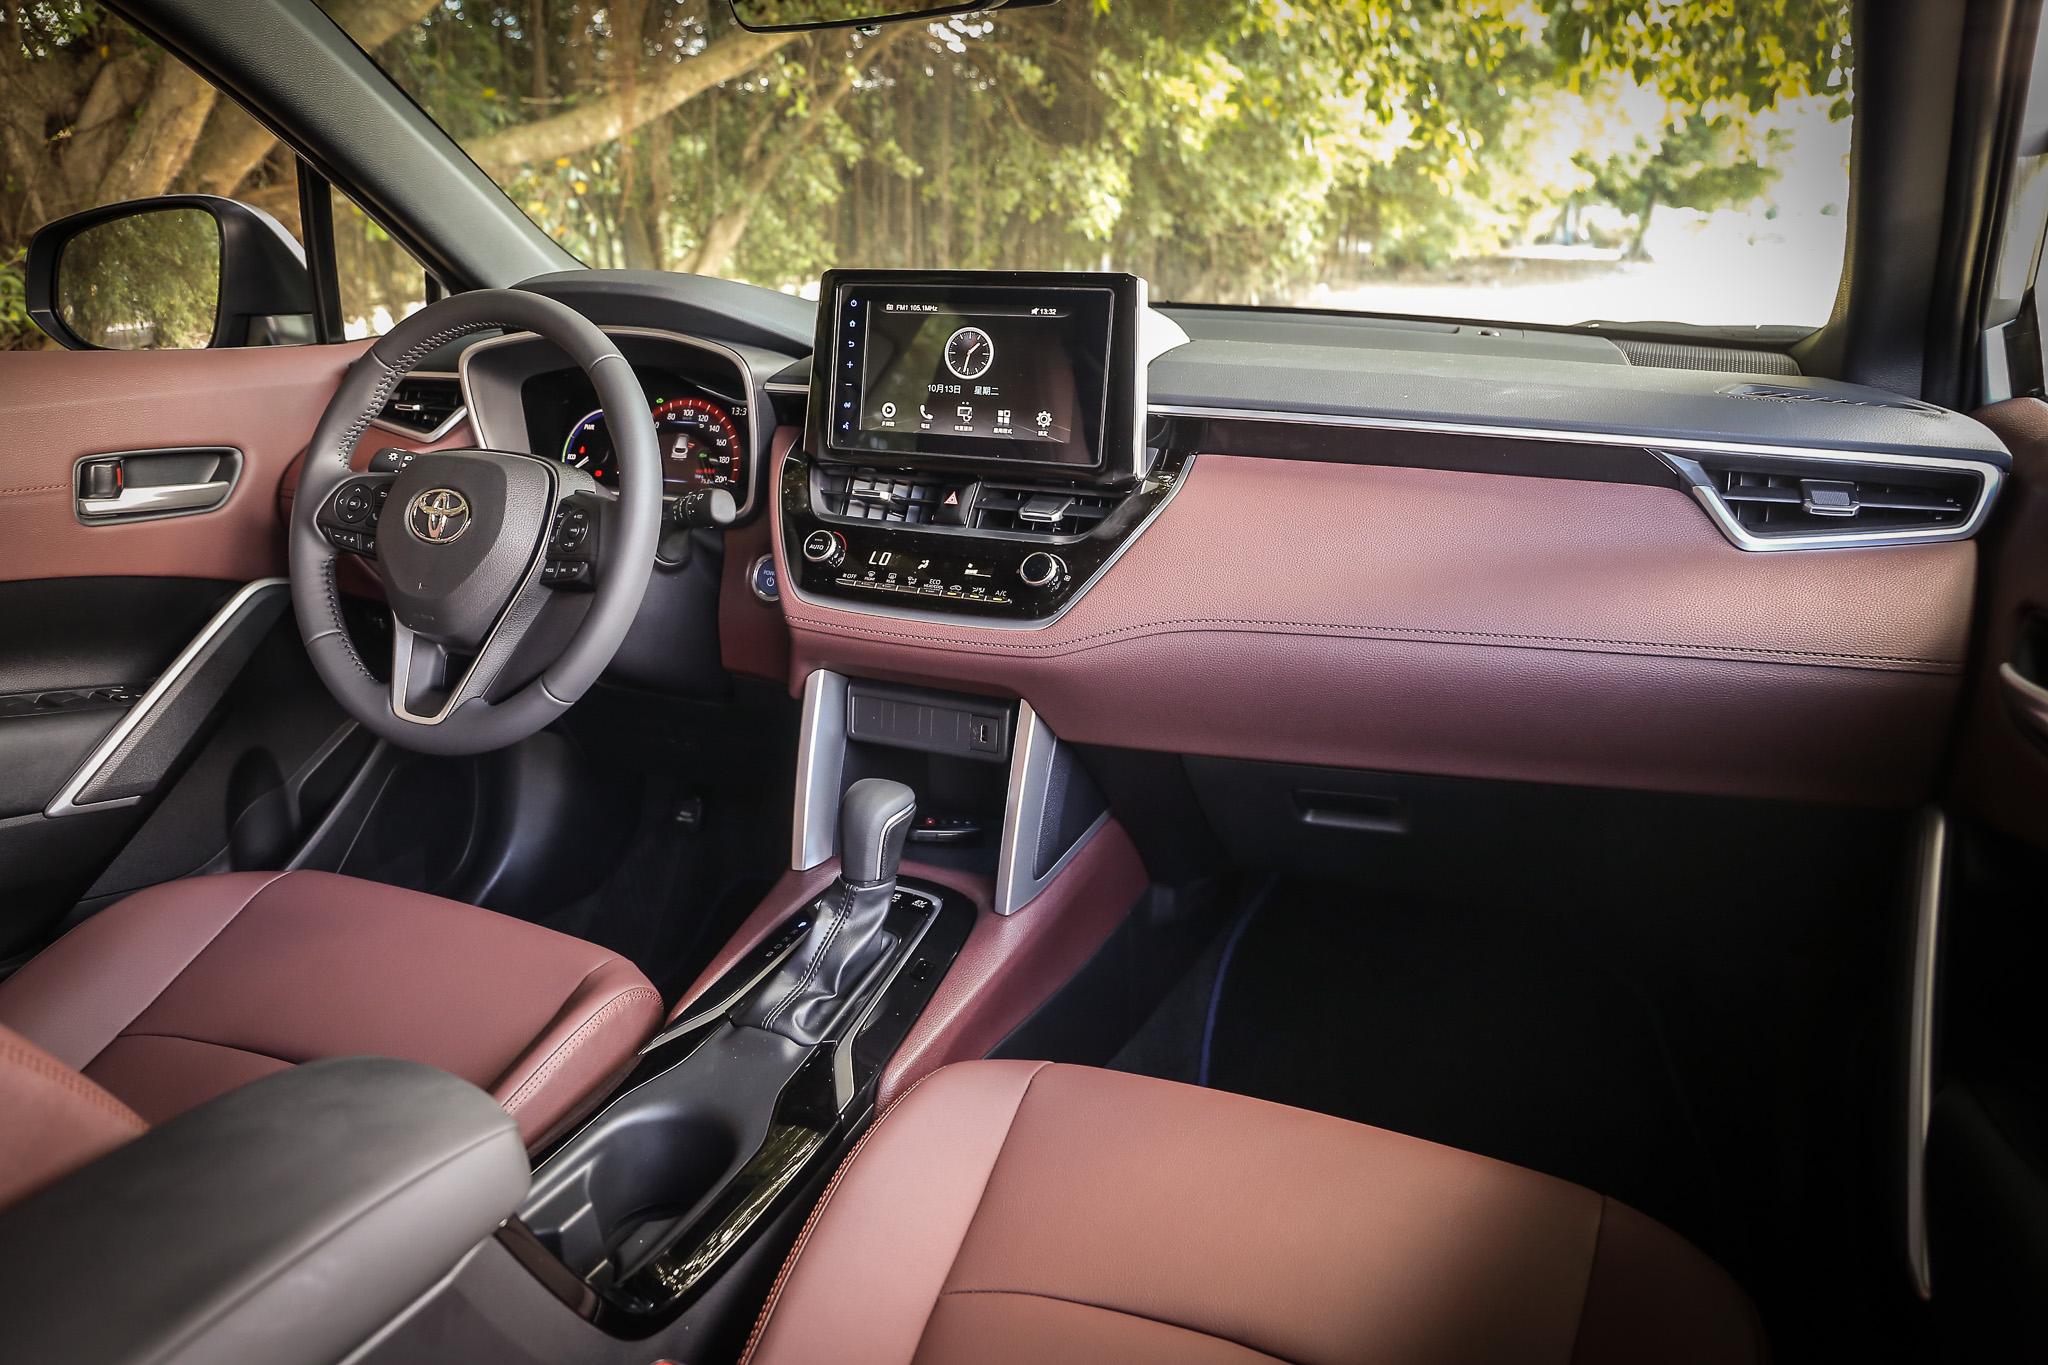 座艙設計風格與 Corolla Altis 相當雷同,透過中控螢幕的整合大幅簡化控制介面的繁複度,換來更好的空間與視野。